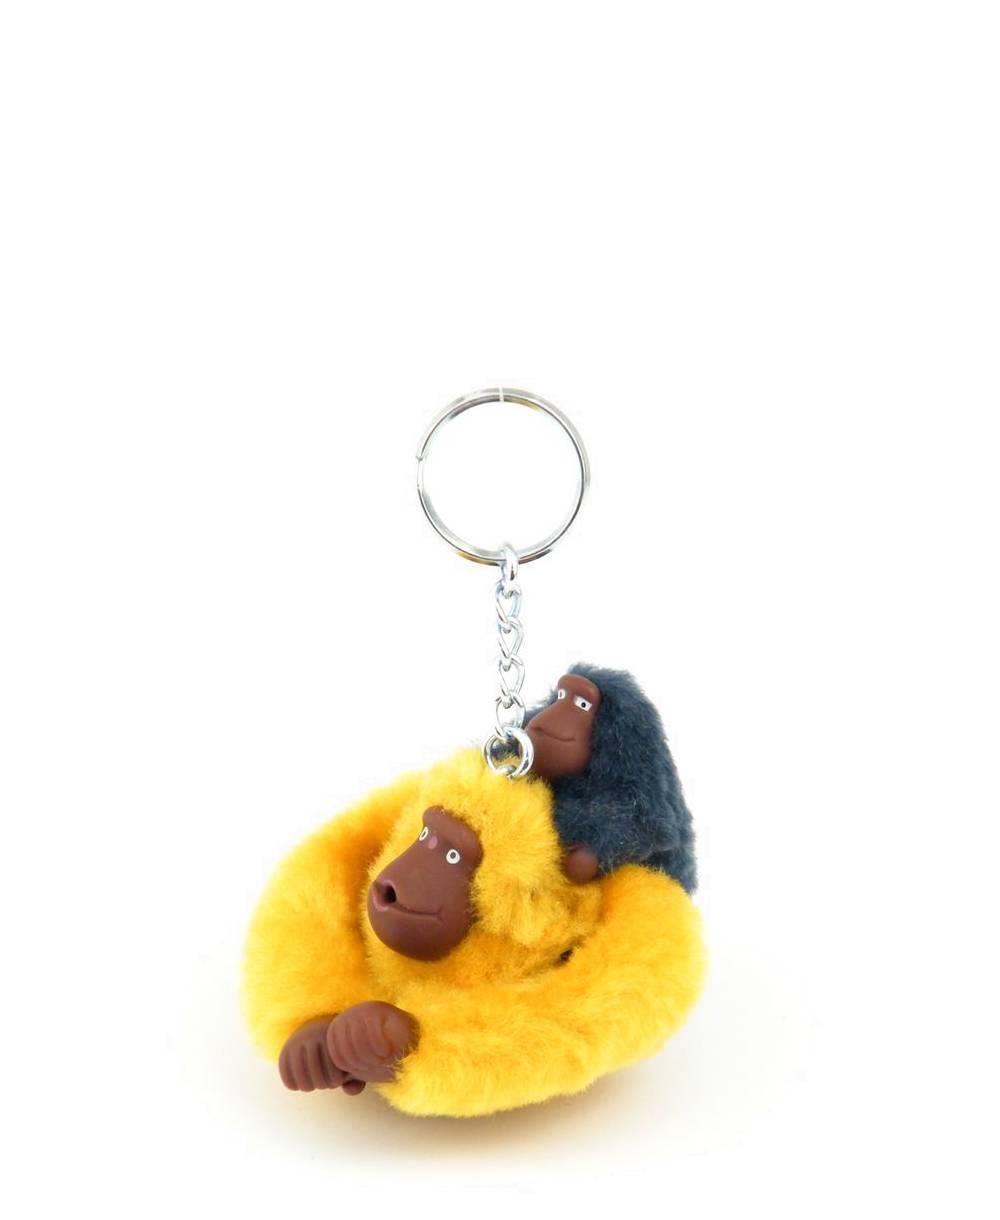 מחזיק מפתחות קוף קיפלינג חרדל וגור כחול